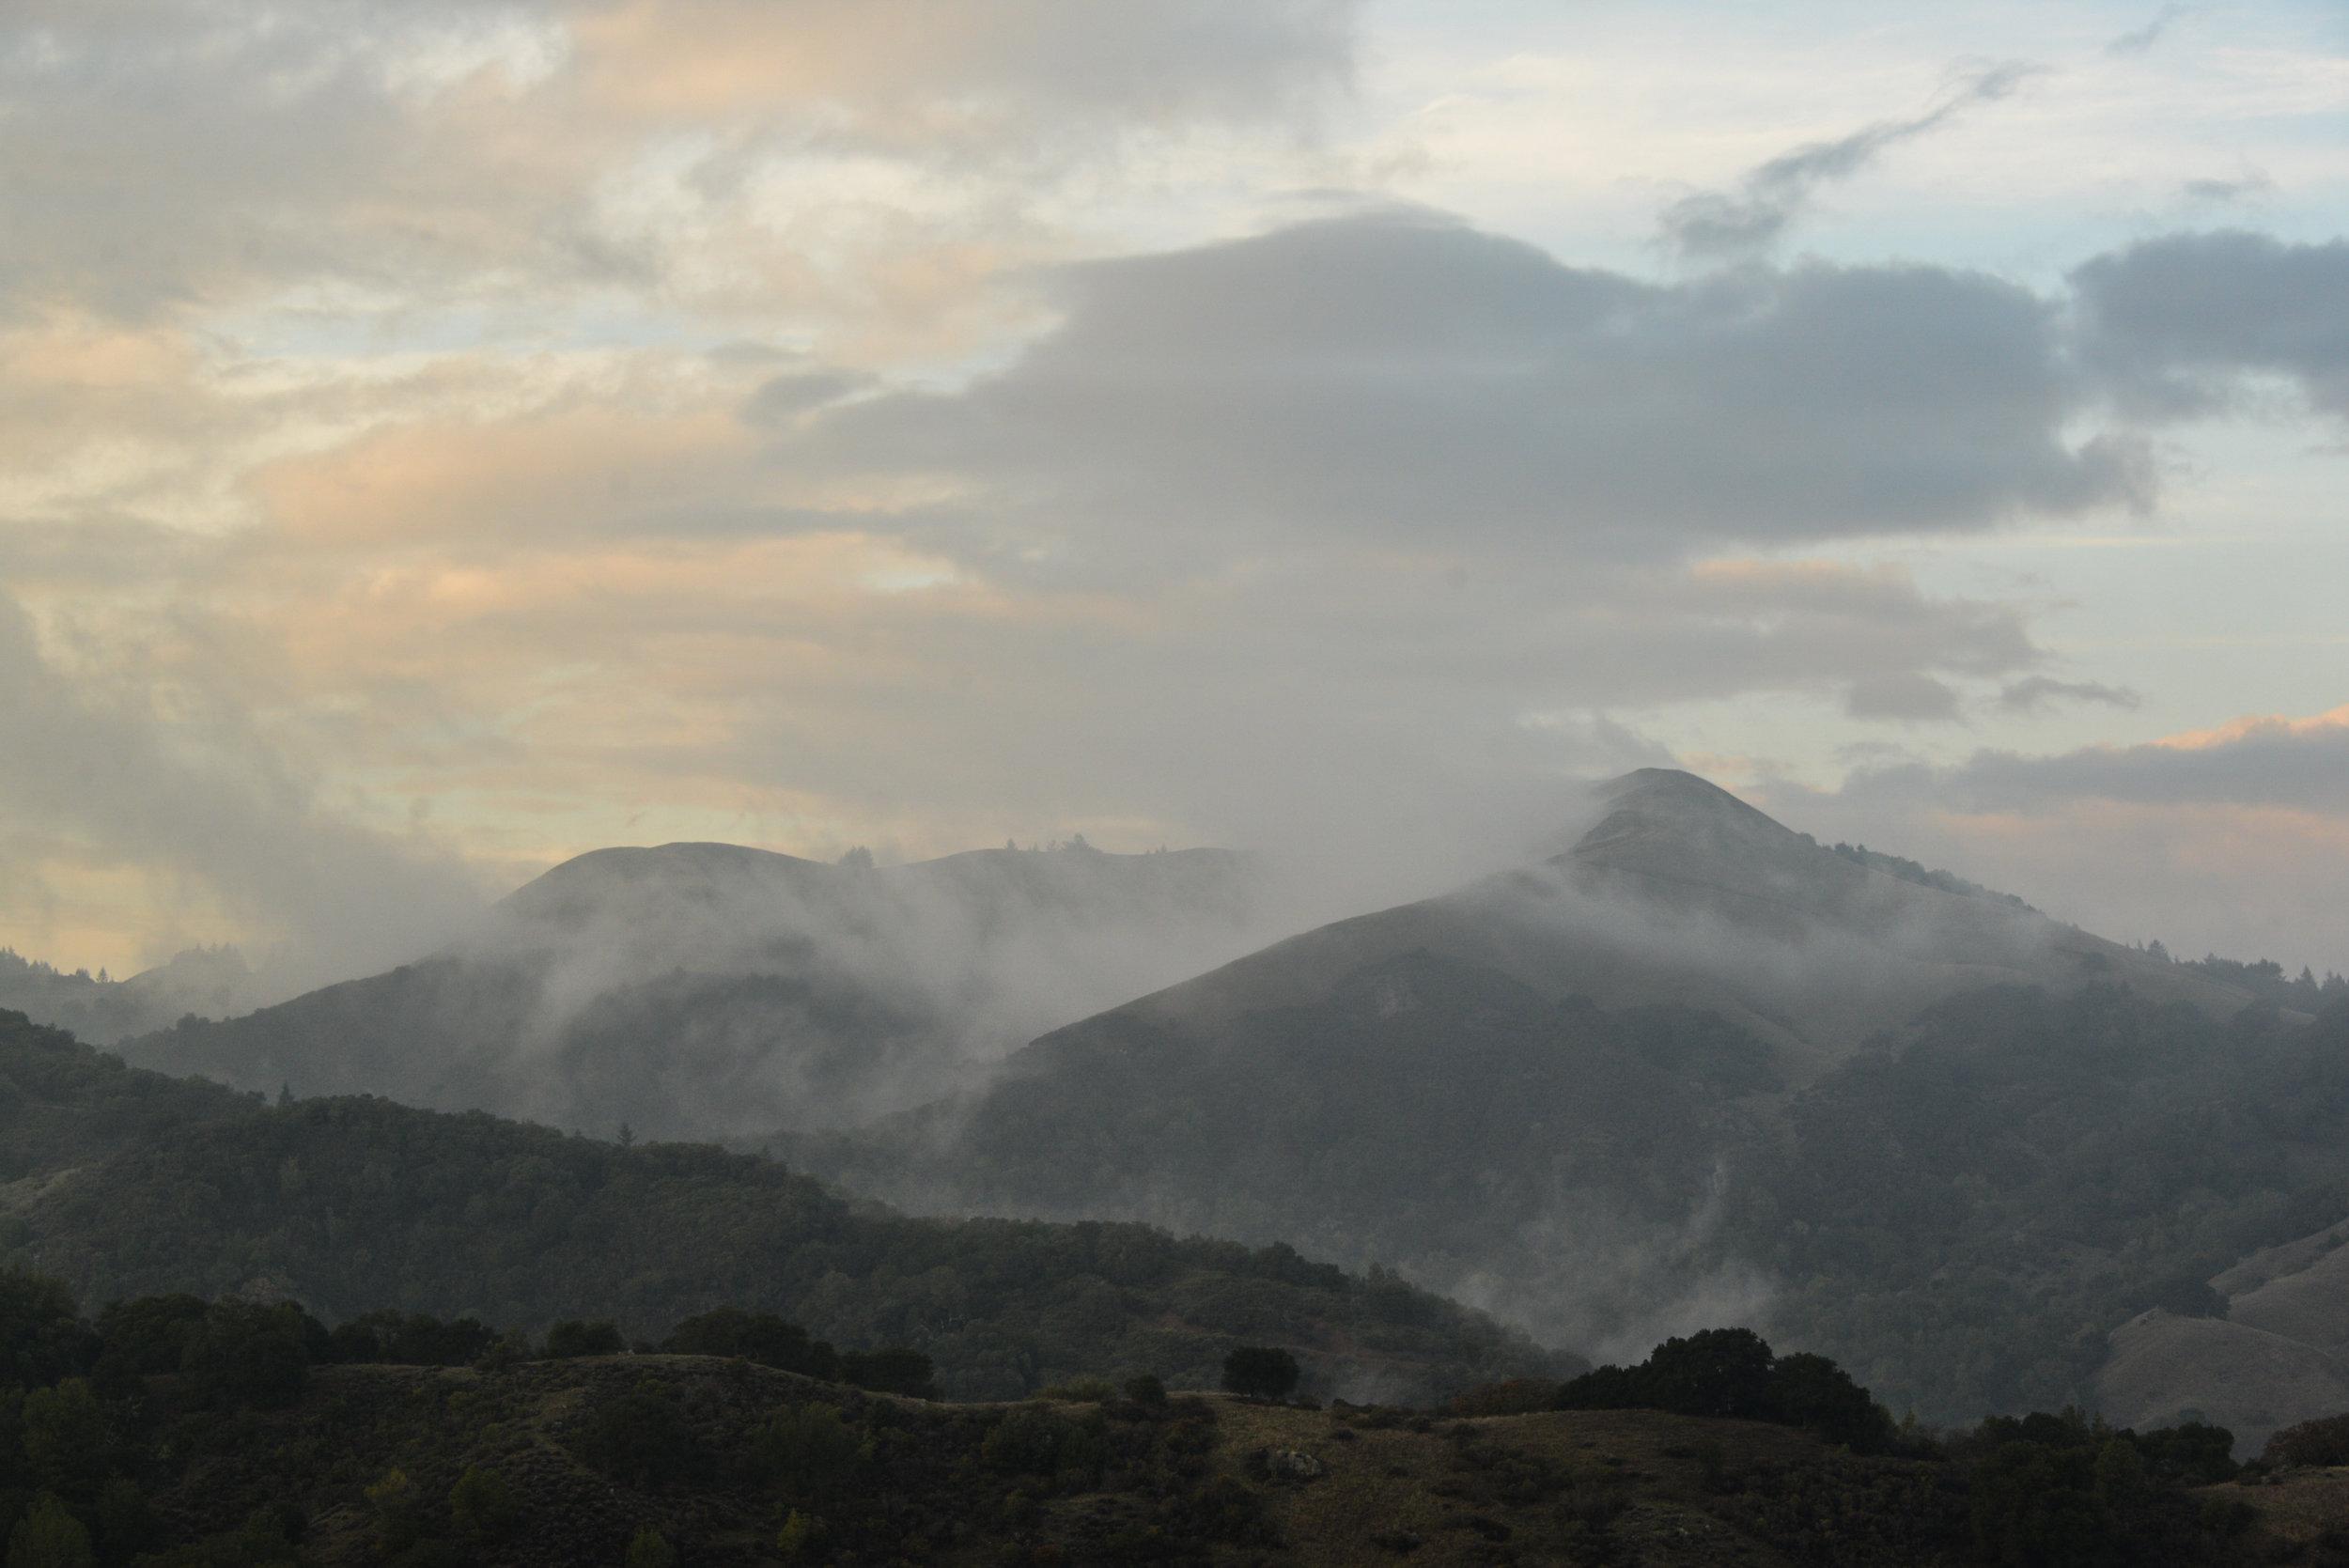 11a-Misty-hills-3-3710.jpg